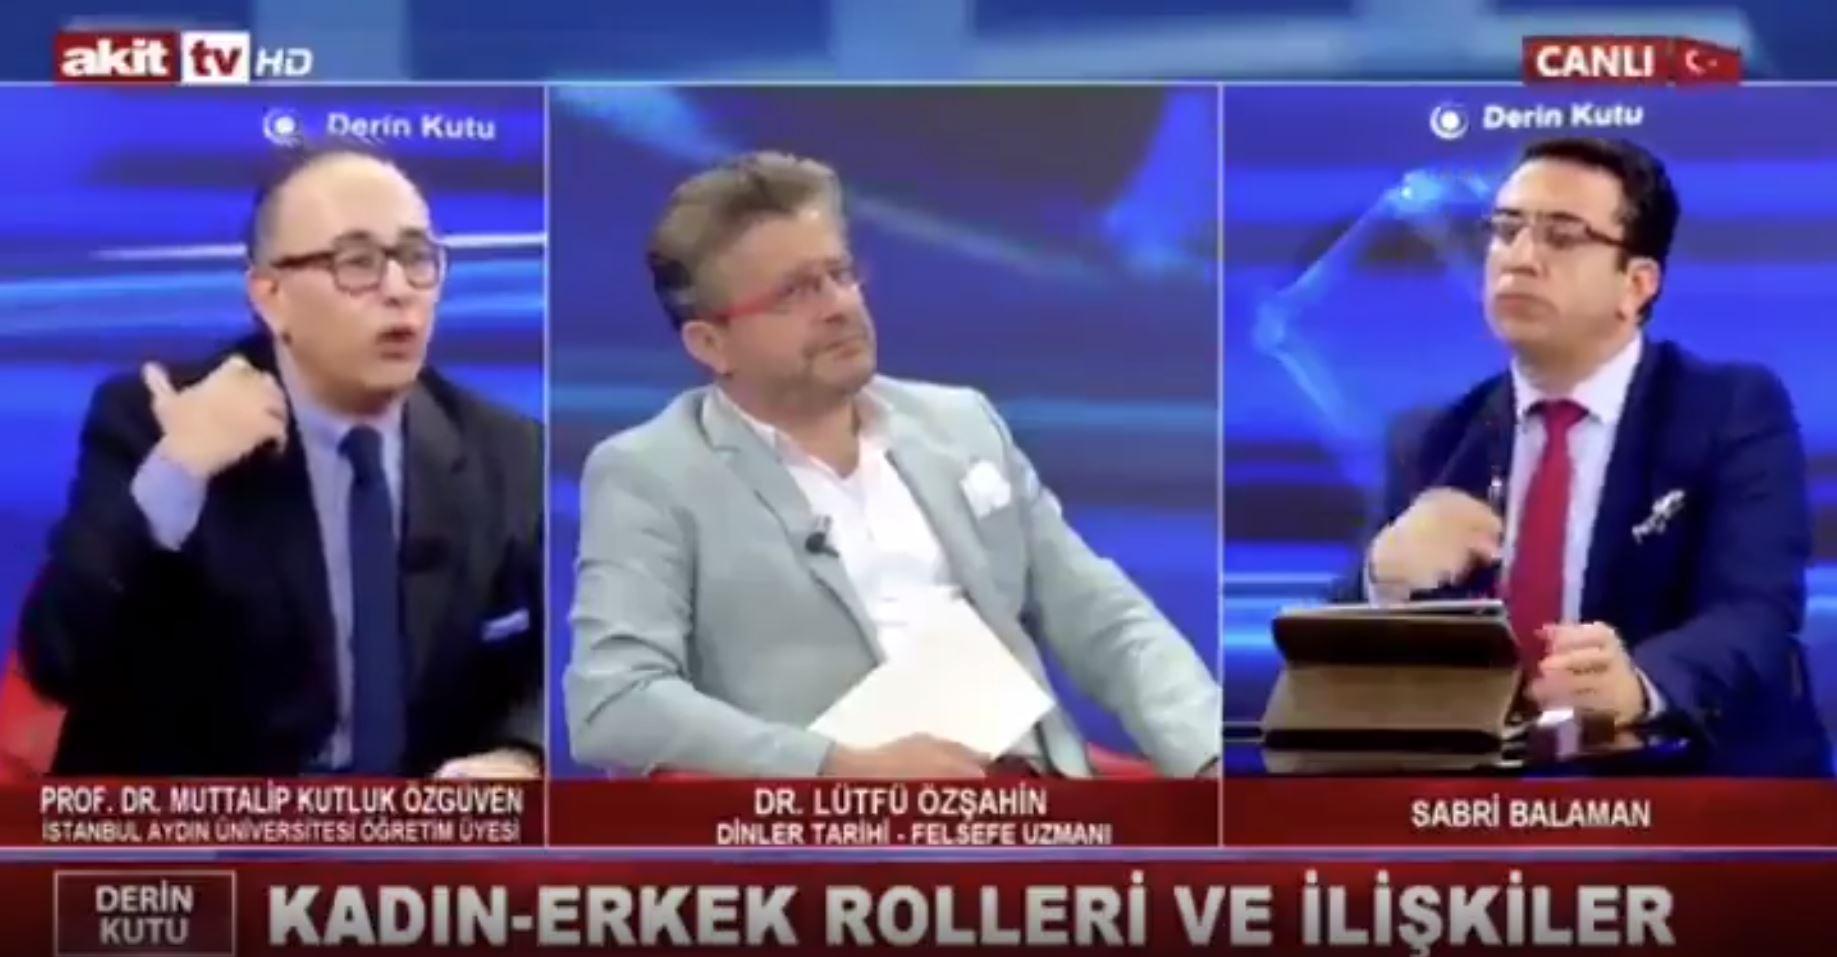 CHP'li Taşcıer, çocuk istismarını meşrulaştıran Prof. Özgüven için harekete geçti